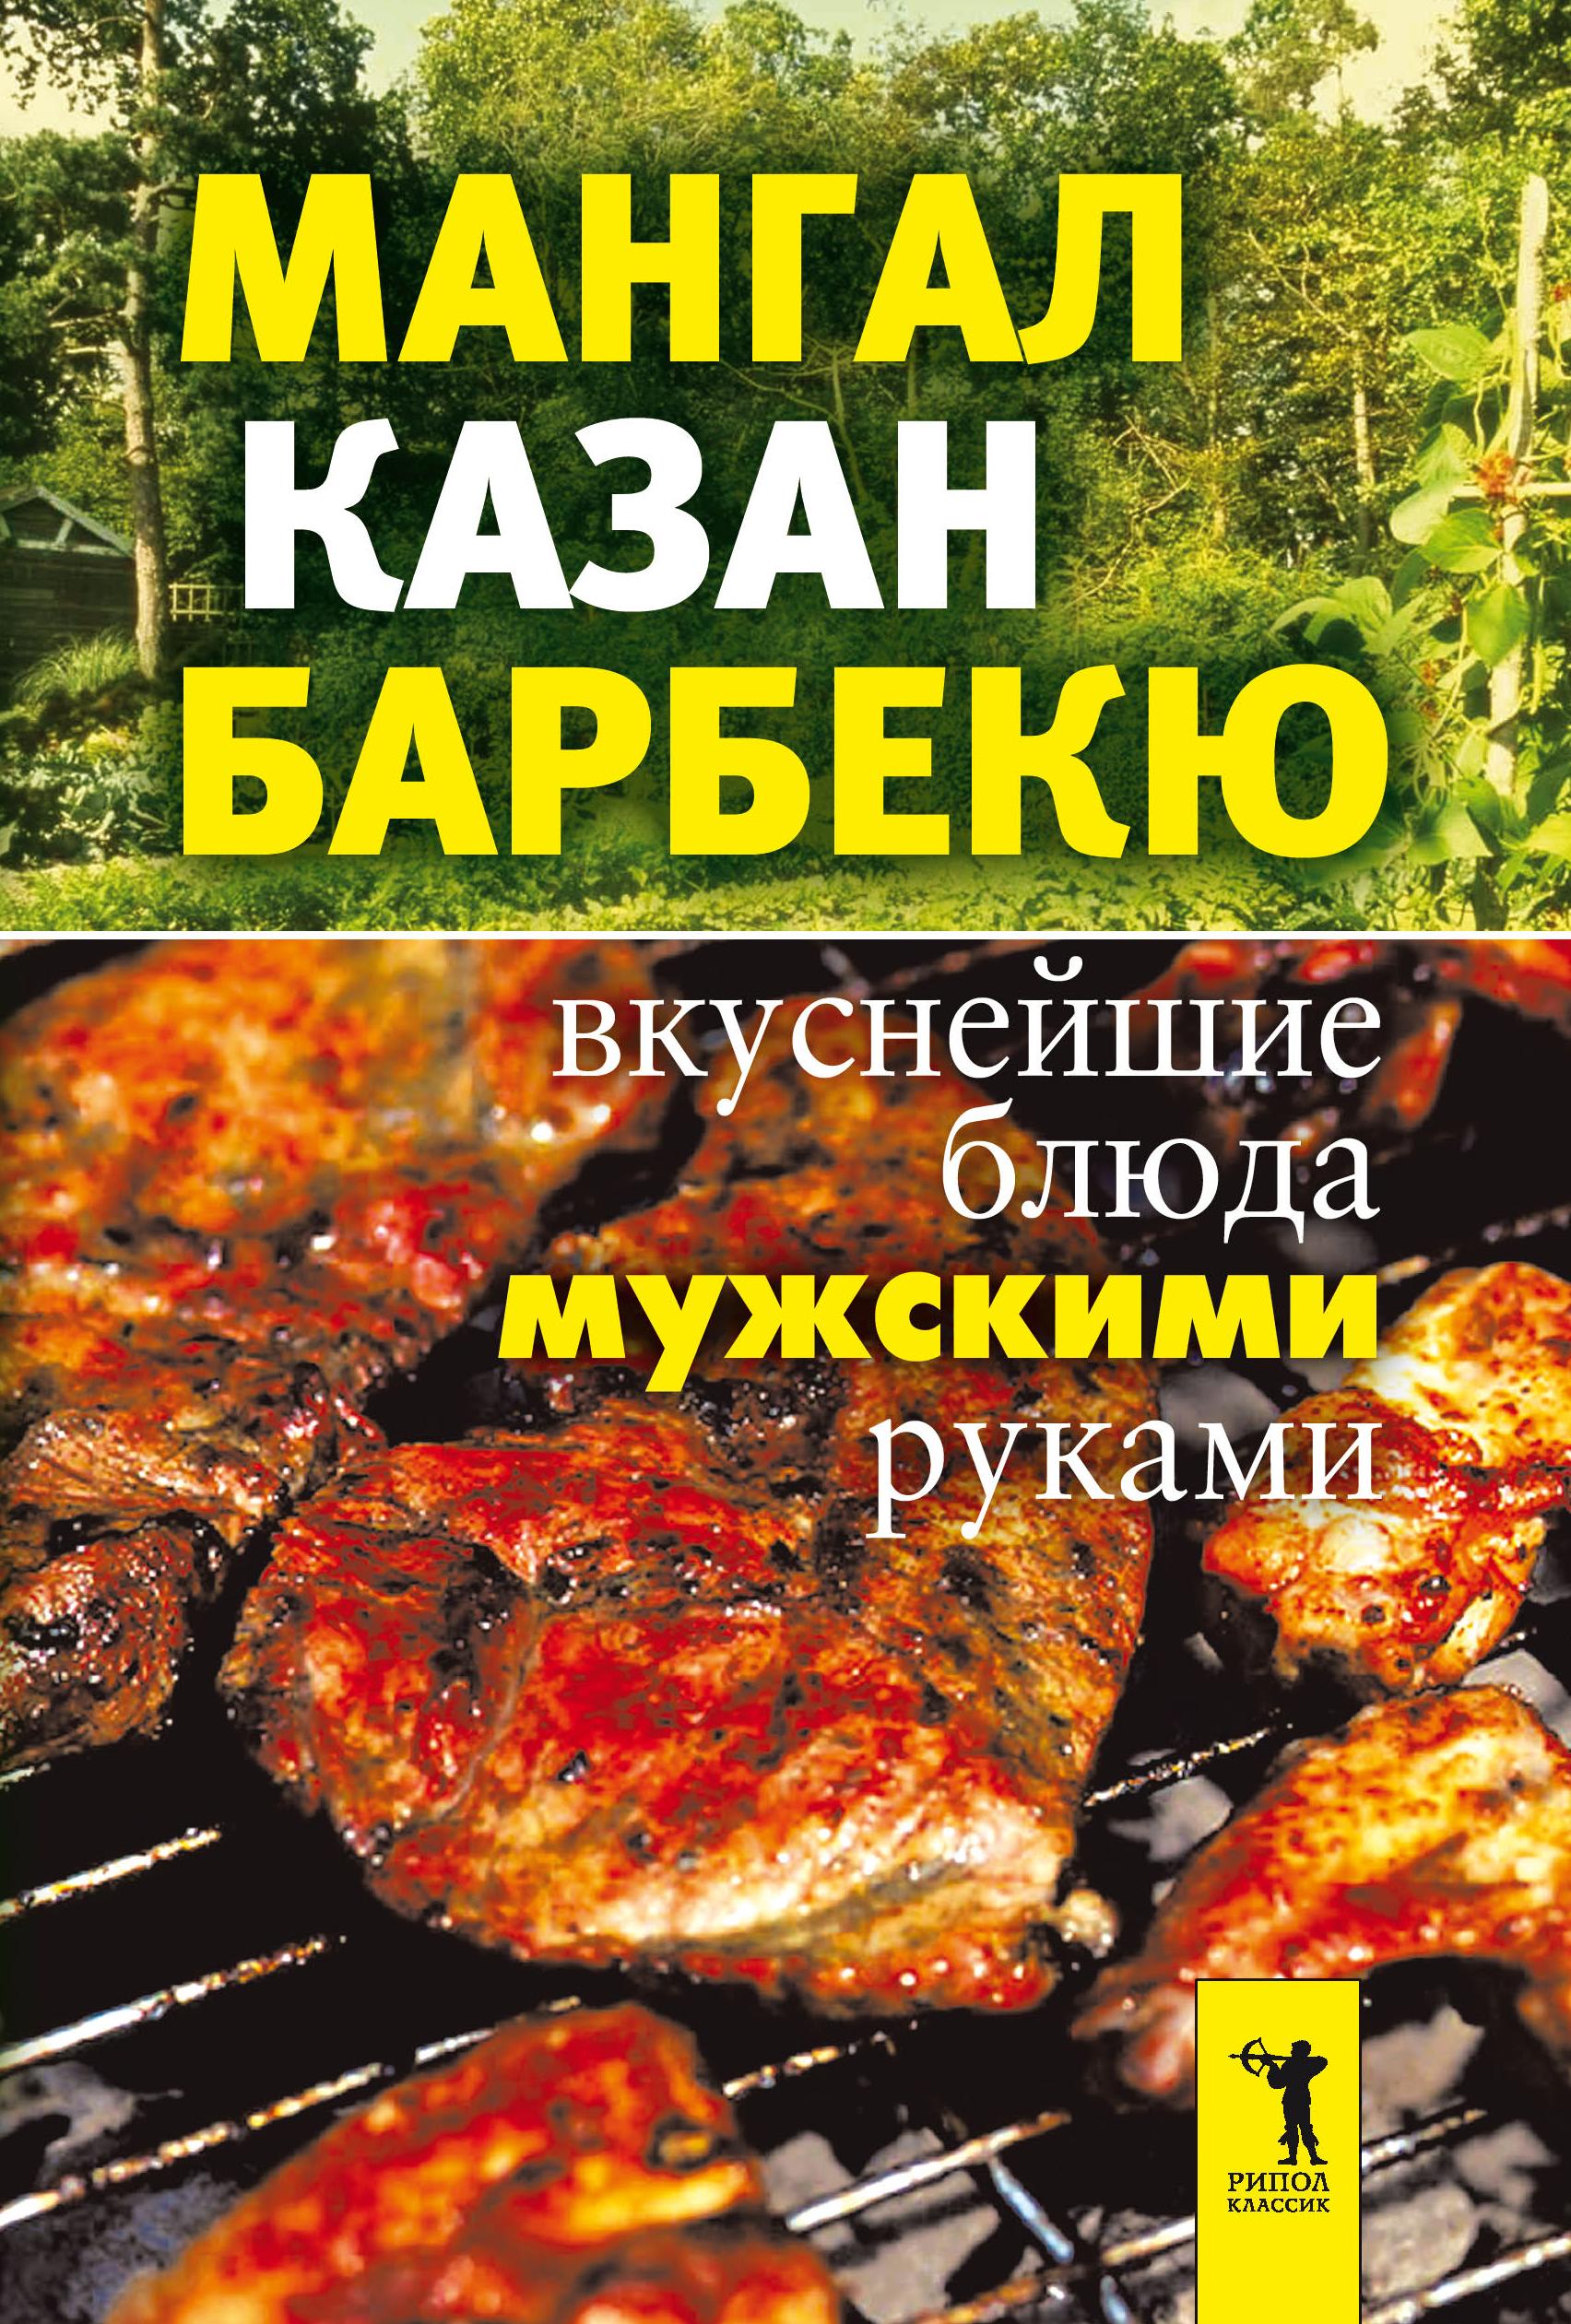 Отсутствует Мангал, казан, барбекю. Вкуснейшие блюда мужскими руками иван зорин казан мангал гриль барбекю